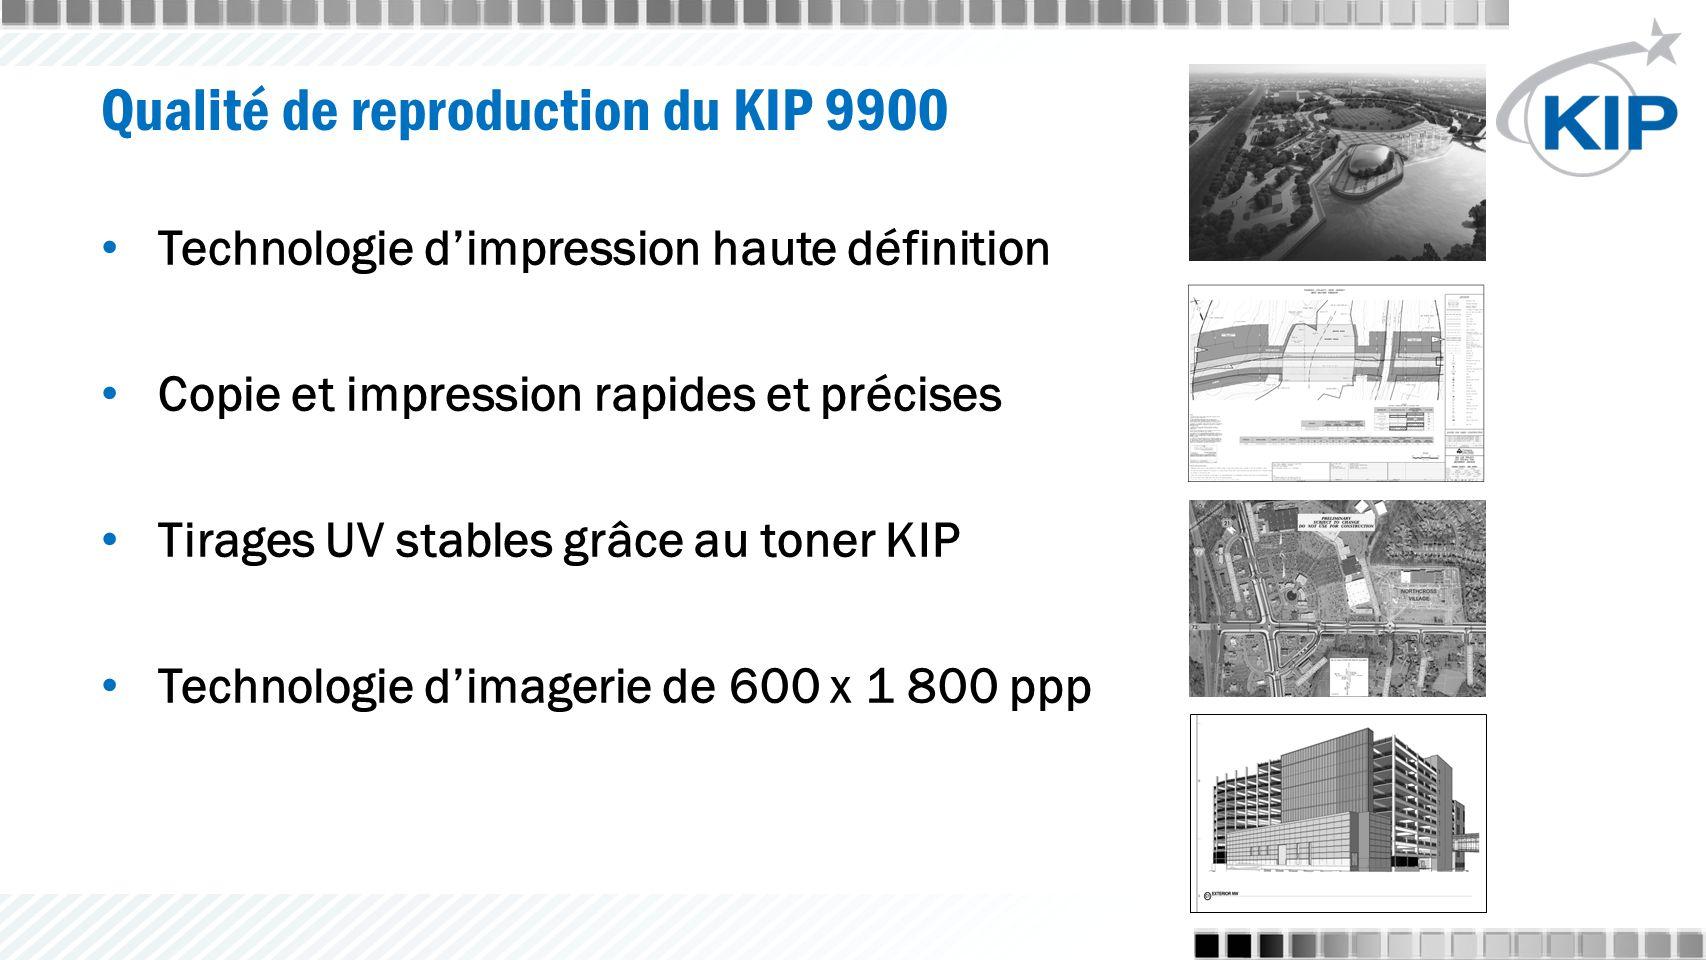 Qualité de reproduction du KIP 9900 Technologie d'impression haute définition Copie et impression rapides et précises Tirages UV stables grâce au tone